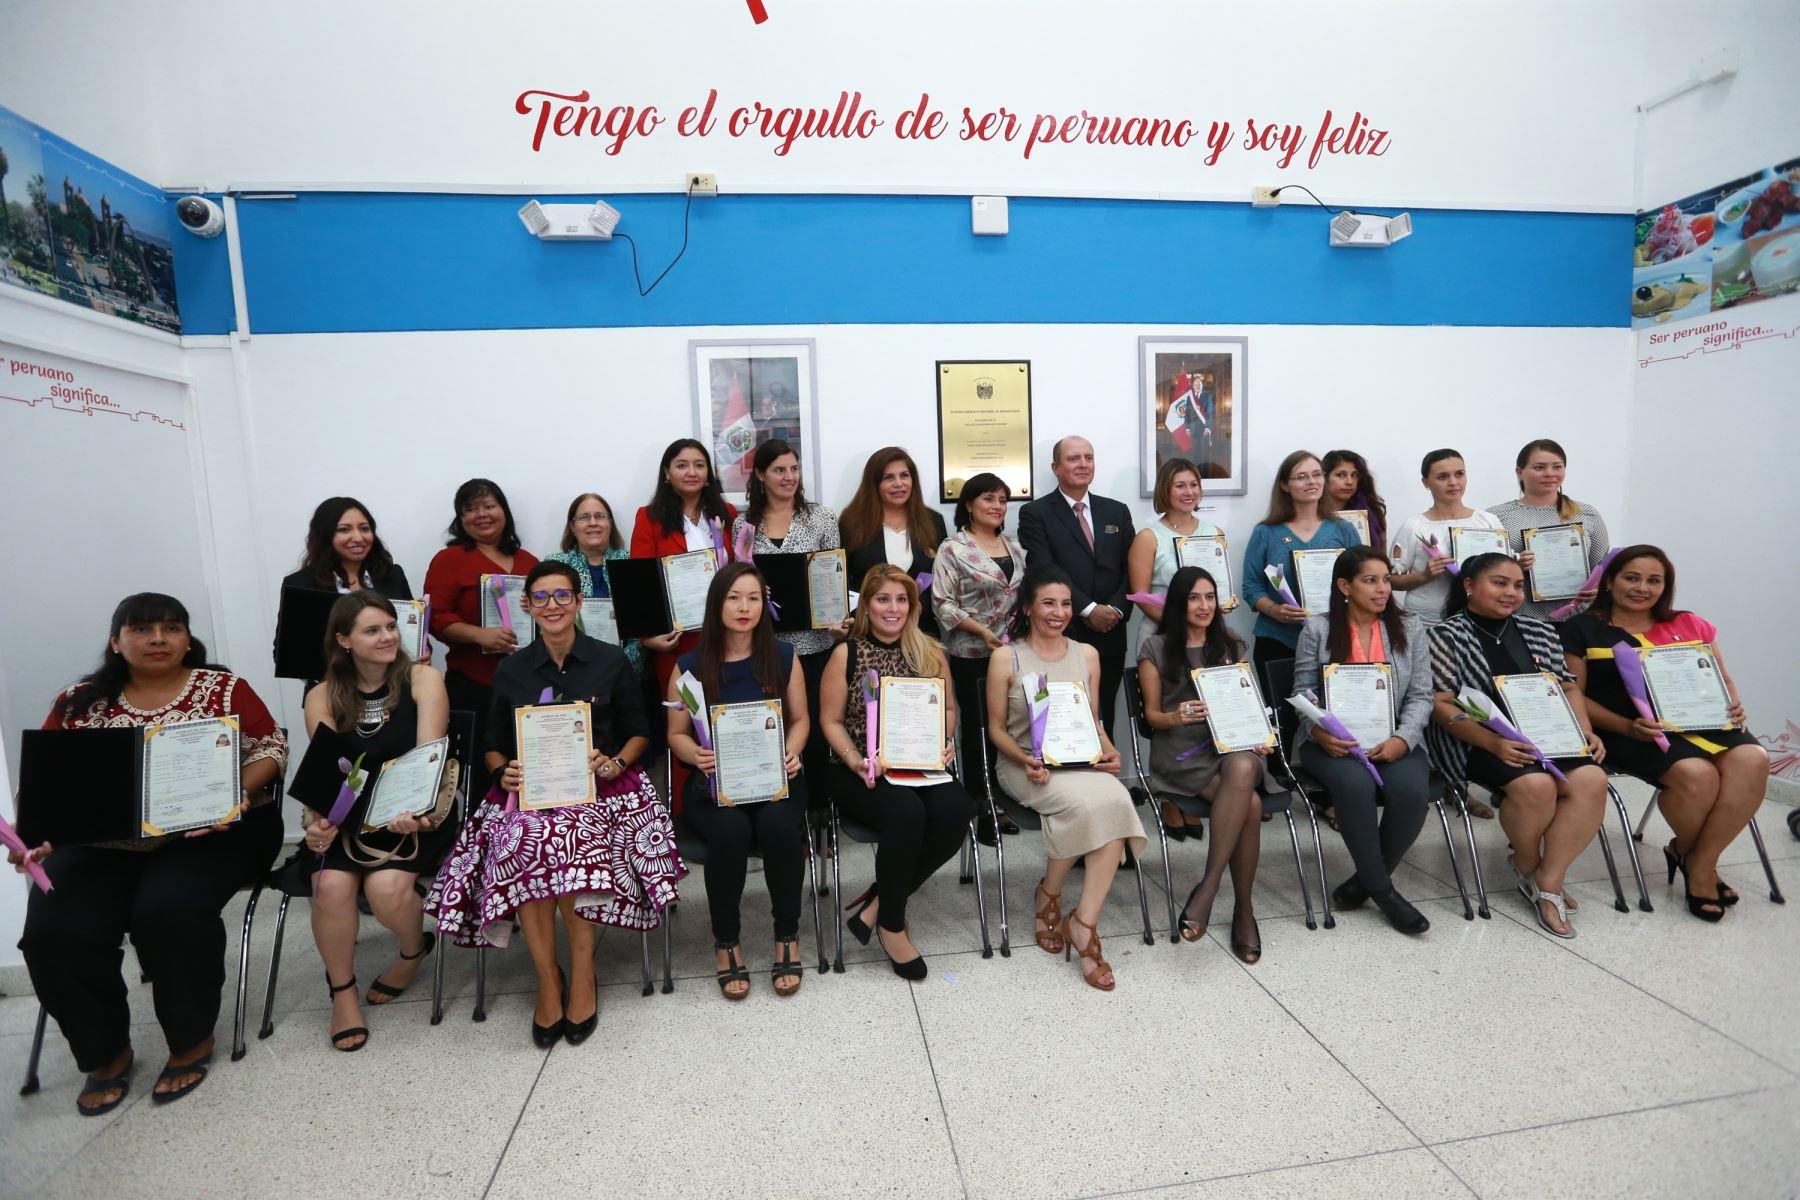 20 ciudadanas nacidas en el extranjero reciben el Título de Nacionalidad Peruana. Foto: ANDINA/Norman Córdova